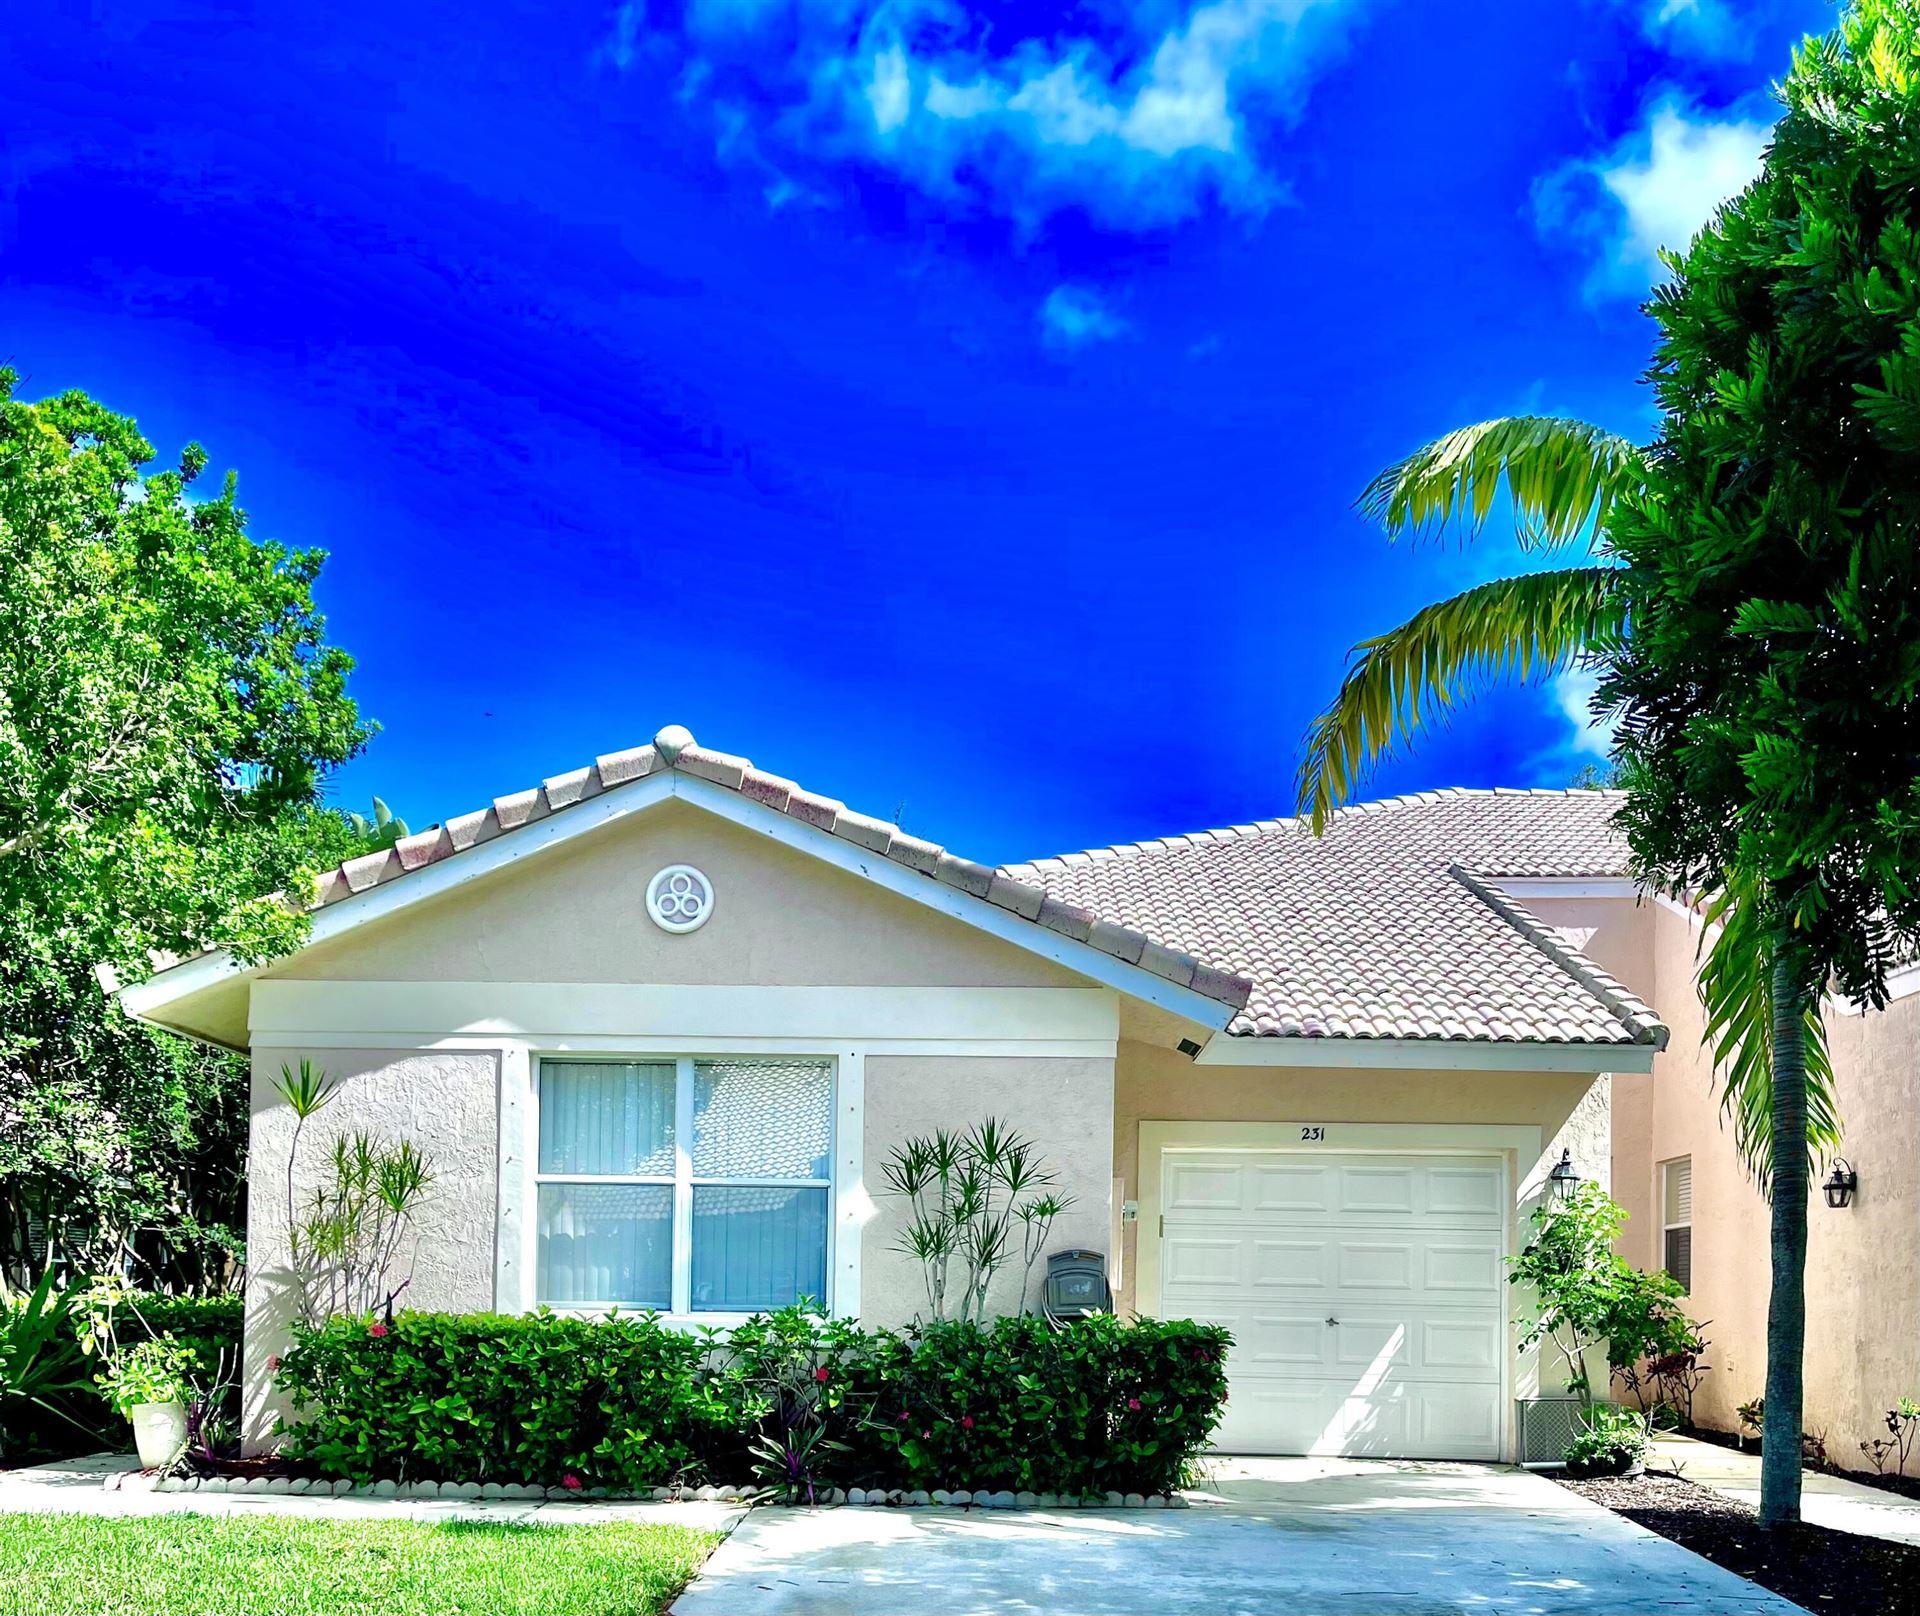 231 E Coral Trace Circle, Delray Beach, FL 33445 - MLS#: RX-10752757